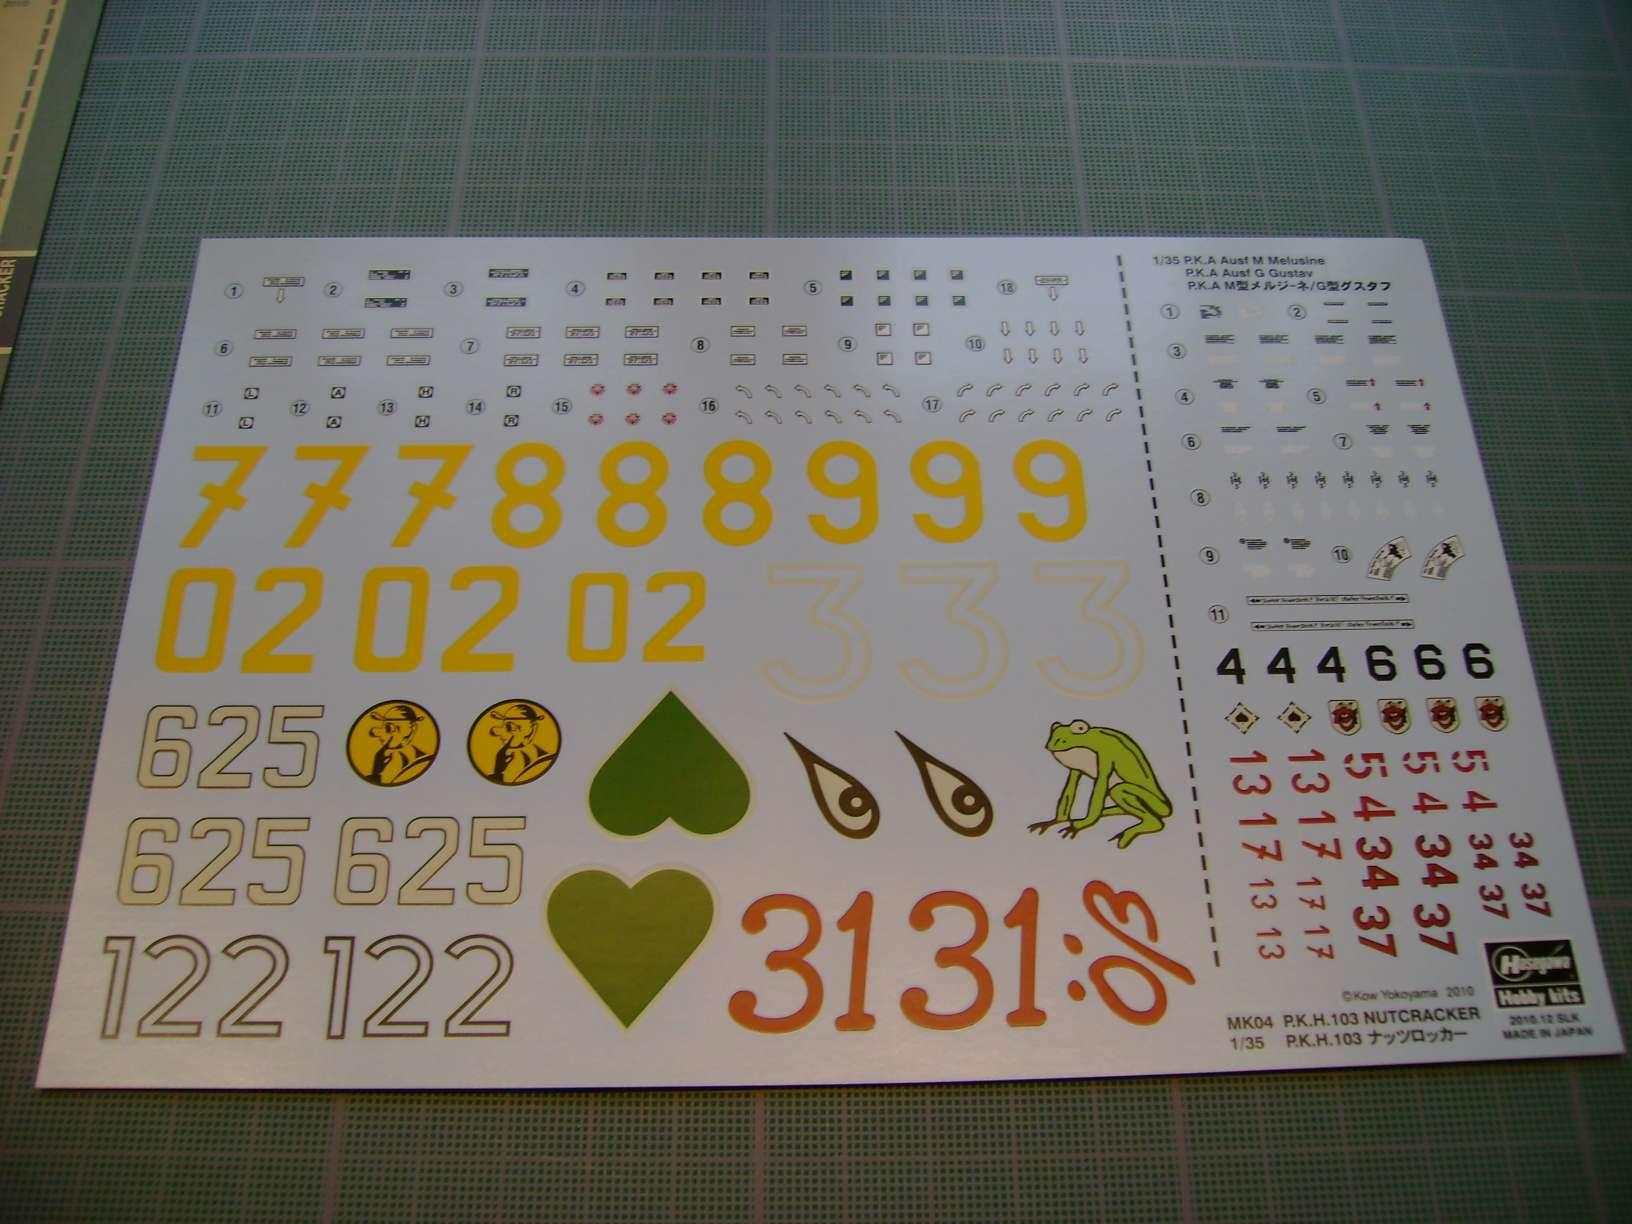 Review kit P.K.H NUTCRACKER   Serie MK04 1/35......By Hasegawa. Dsc03358mk